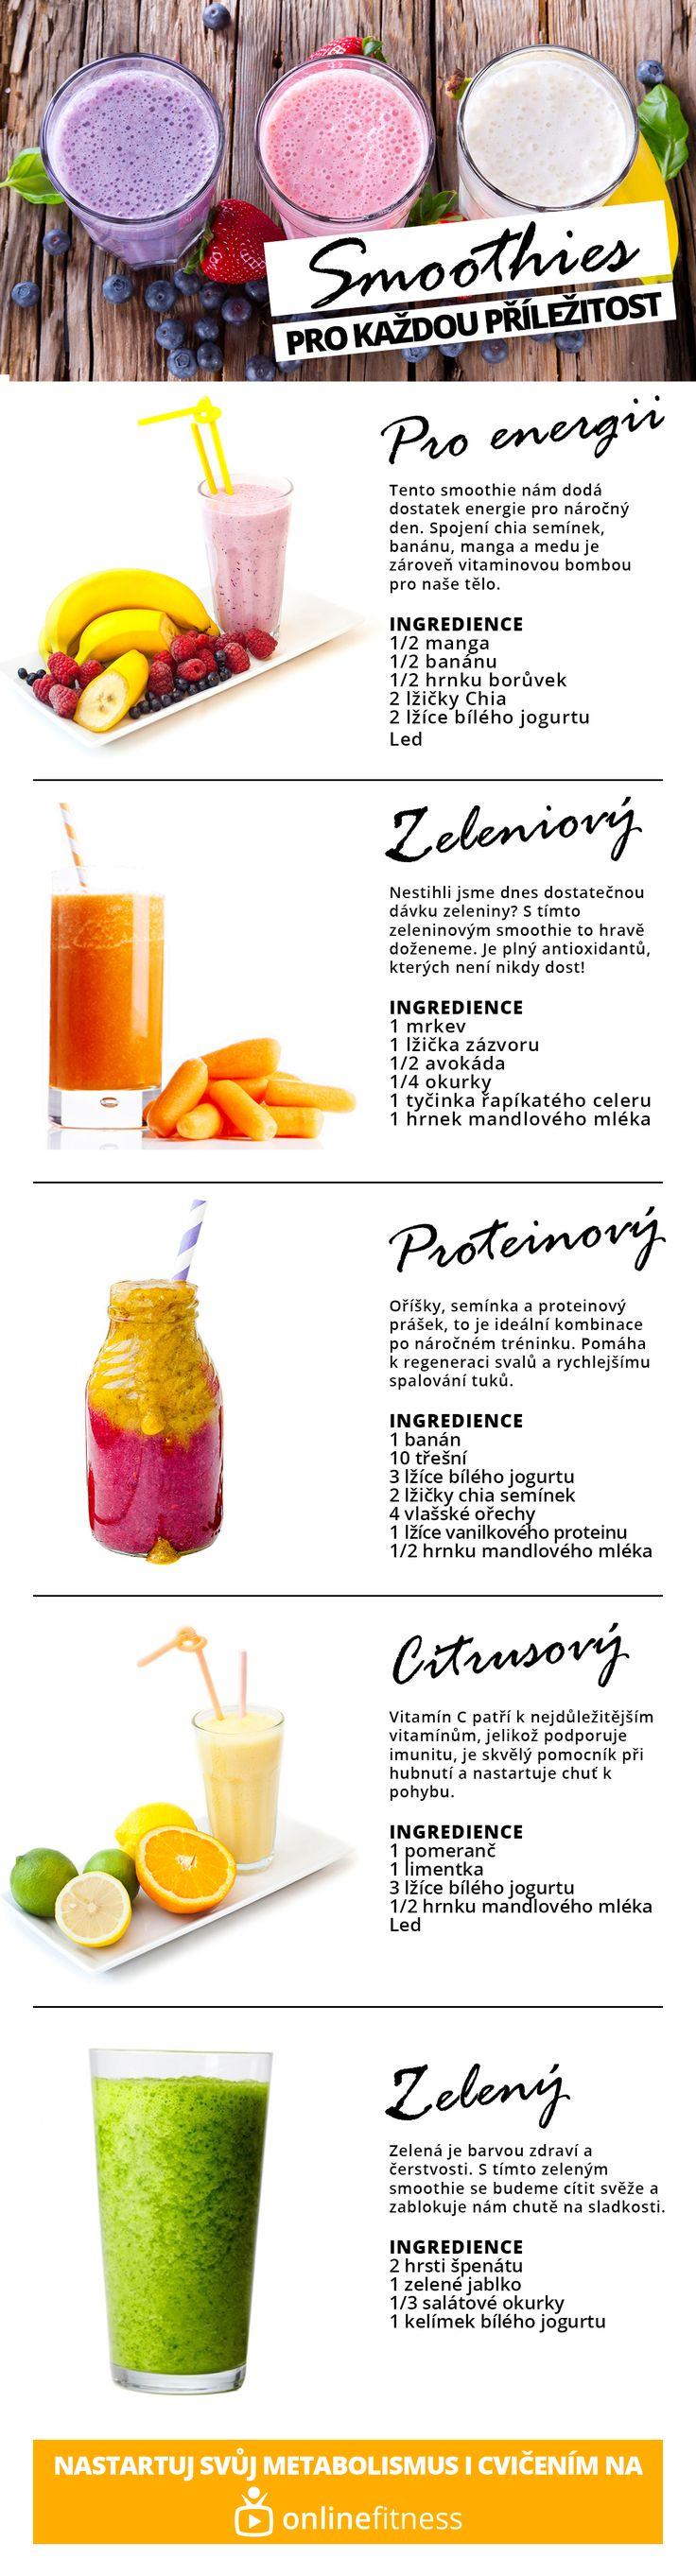 5 receptů na smoothie, které jsou vhodné pro každou příležitost | Blog | Online Fitness - živé fitness lekce, cvičení doma pod vedením trenérů